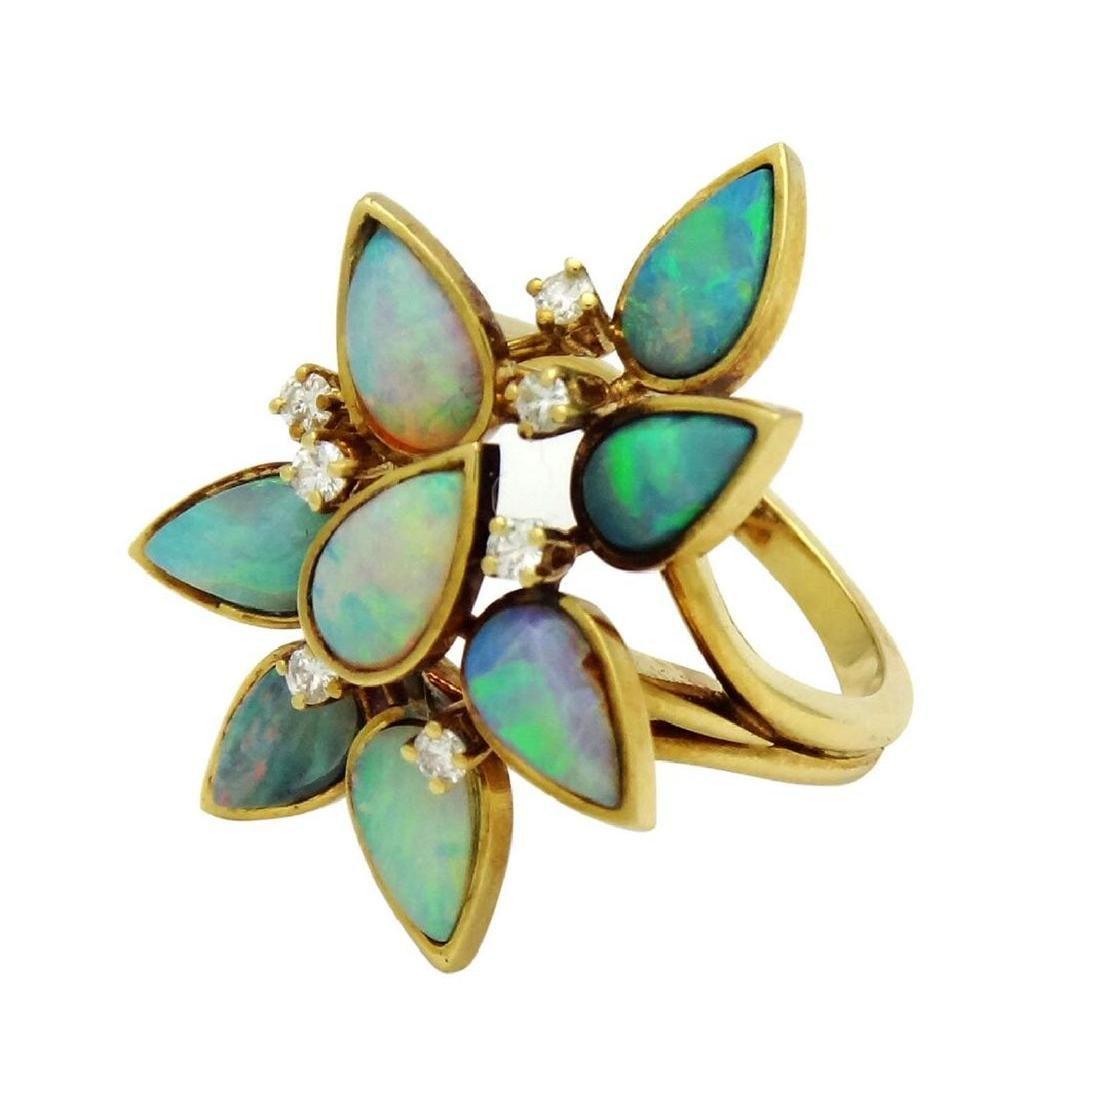 18K Opal Diamond Necklace Earrings & Ring Set - 5